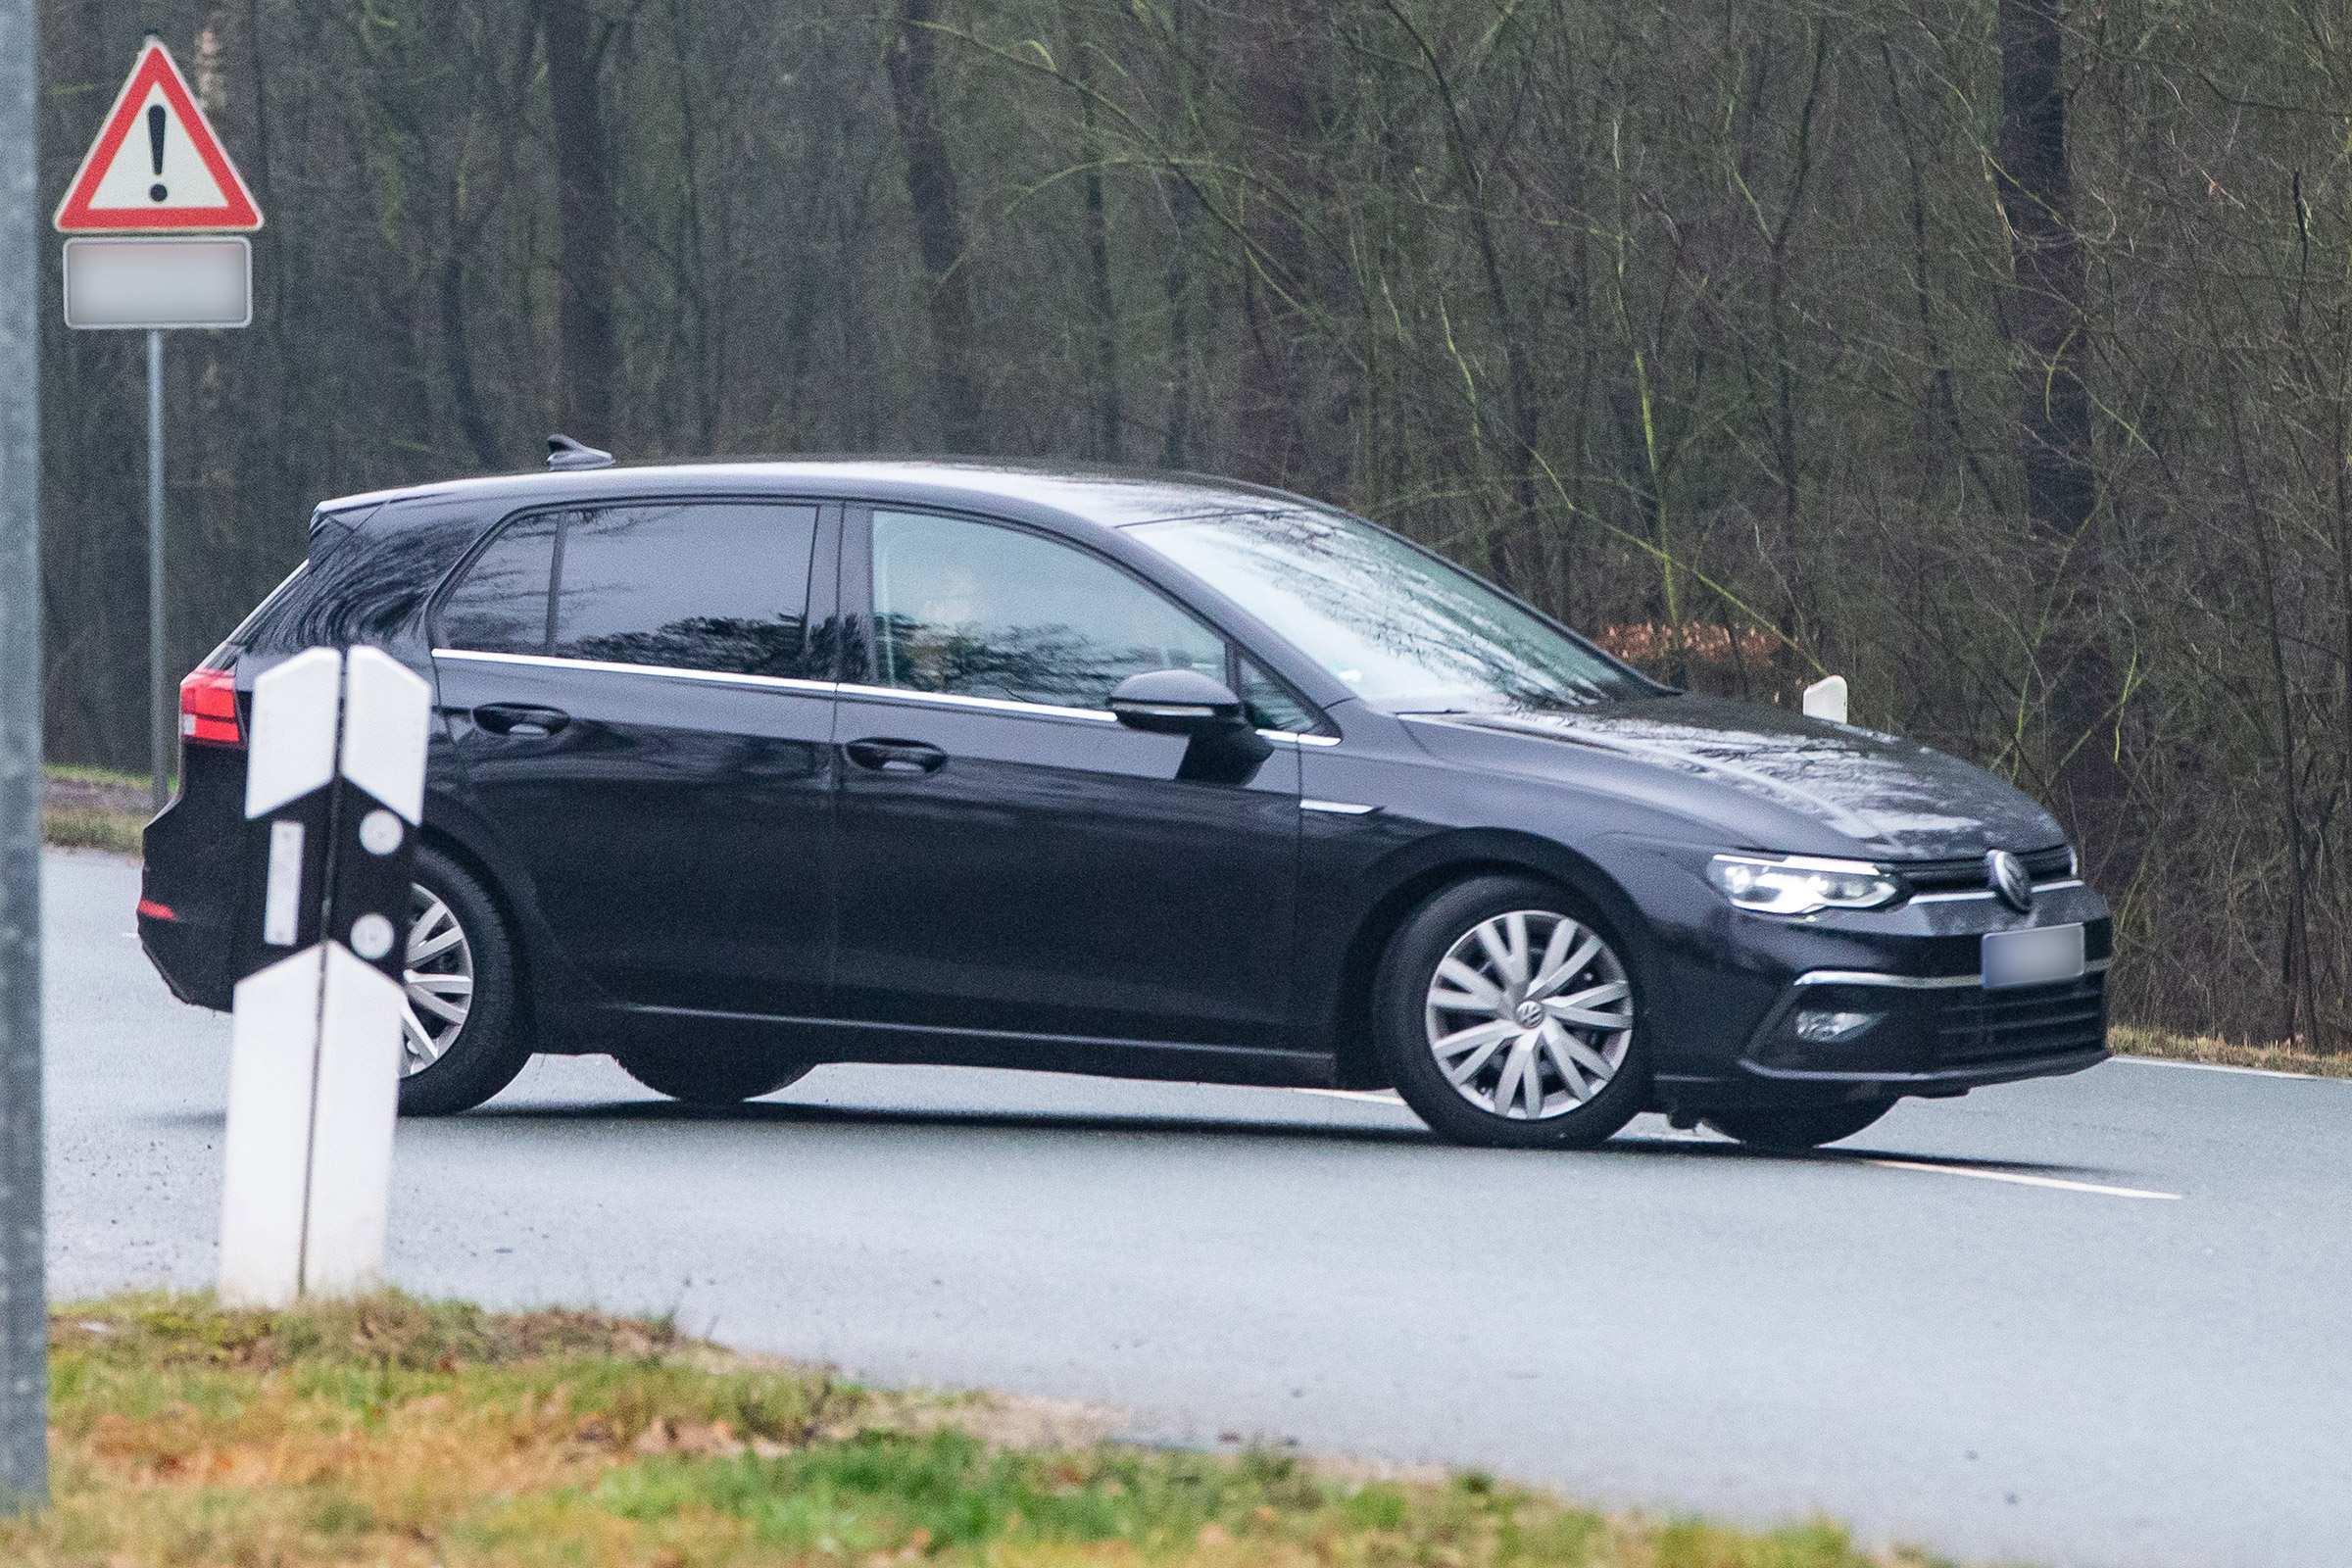 40 Best Review 2020 Volkswagen Golf Release Date Images with 2020 Volkswagen Golf Release Date